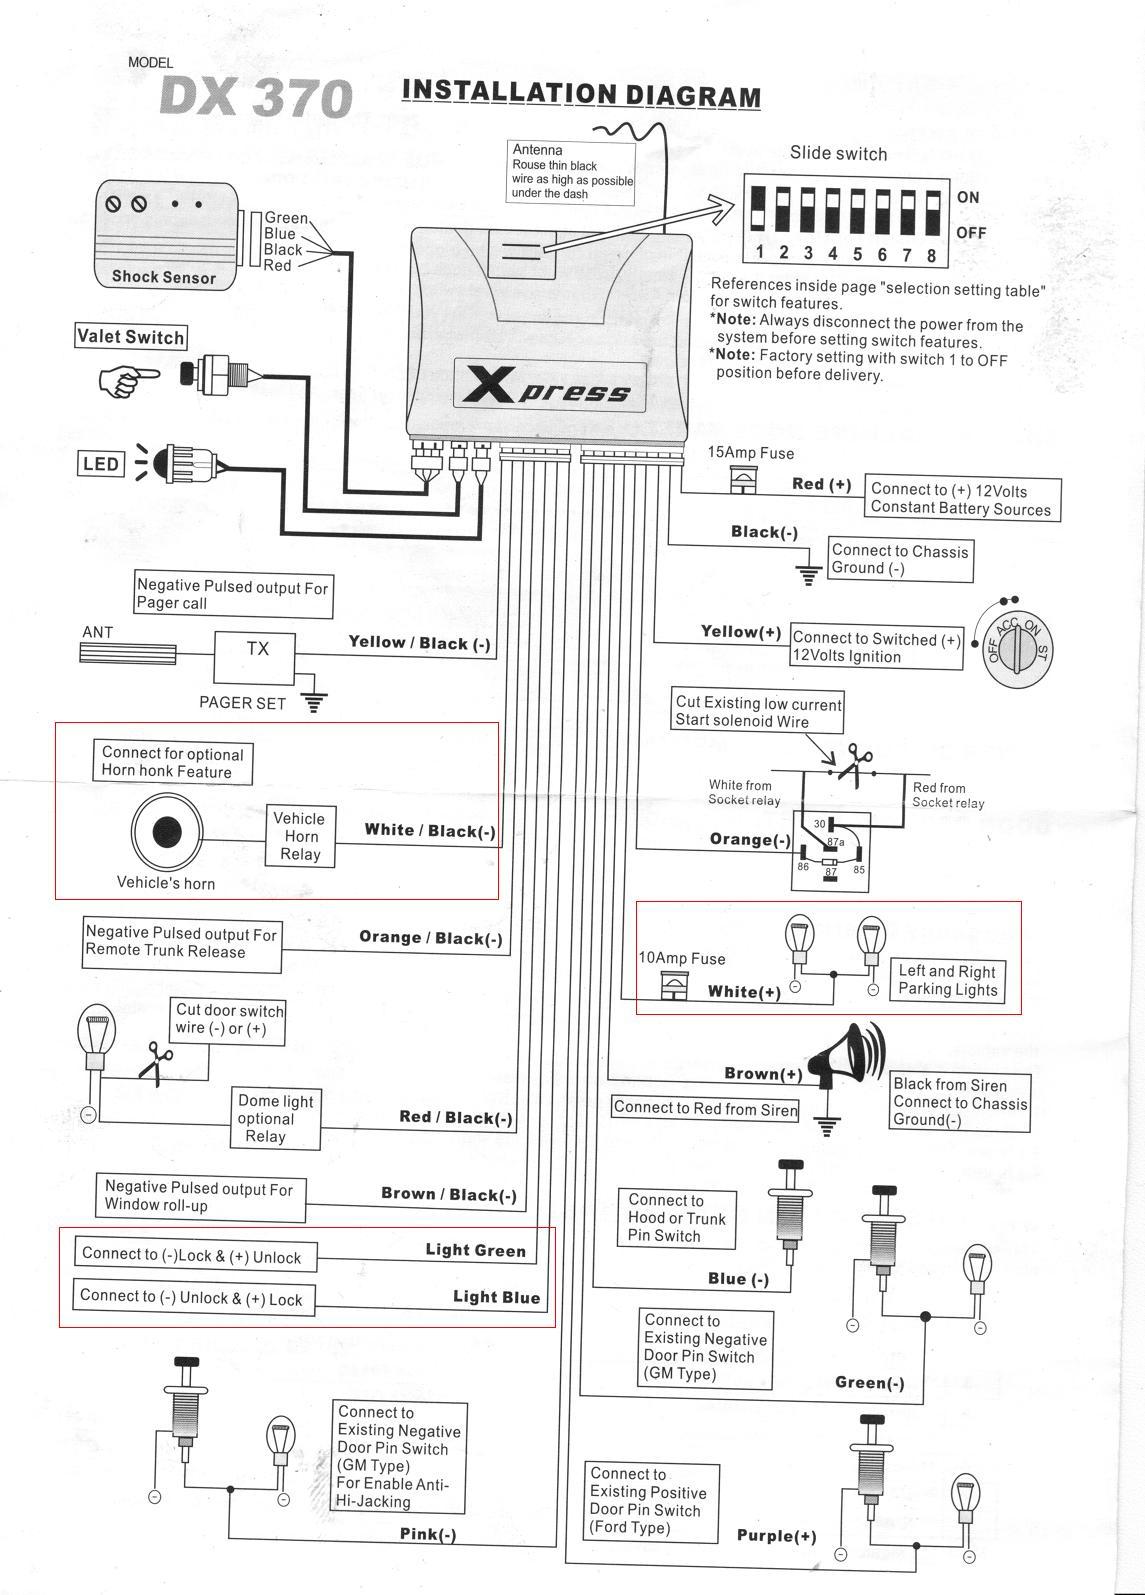 alarm wire diagram tr 8512  clifford cyber 1 wiring diagram for alarm clifford cyber alarm wire colors wiring diagram for alarm clifford cyber